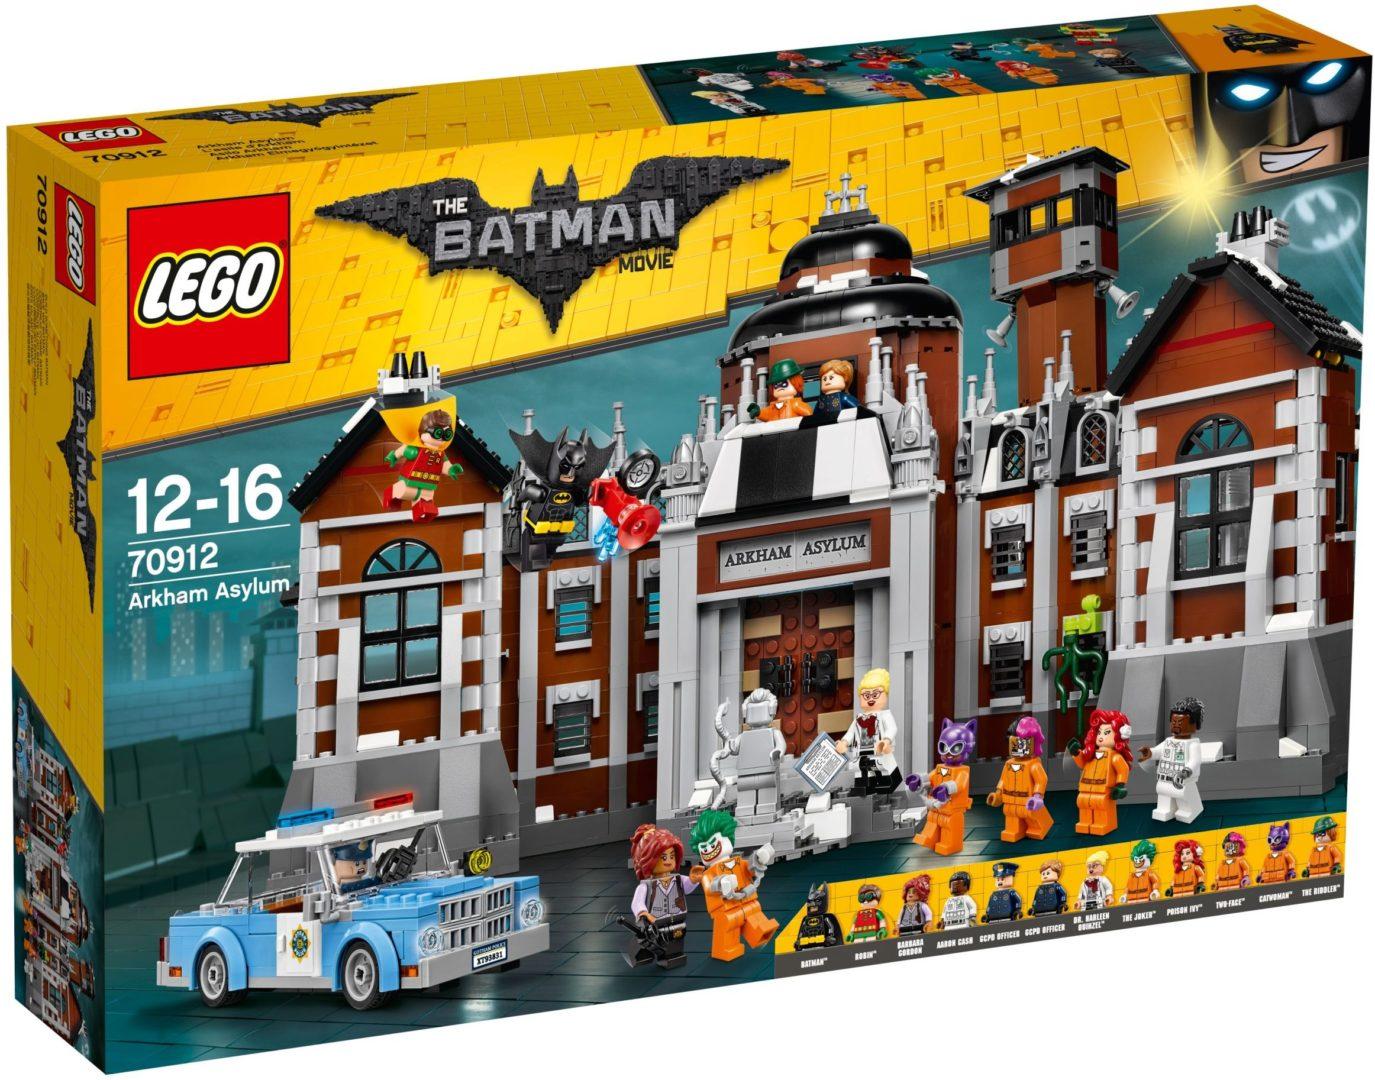 Lego Batman Movie 70912 Arkham Asylum